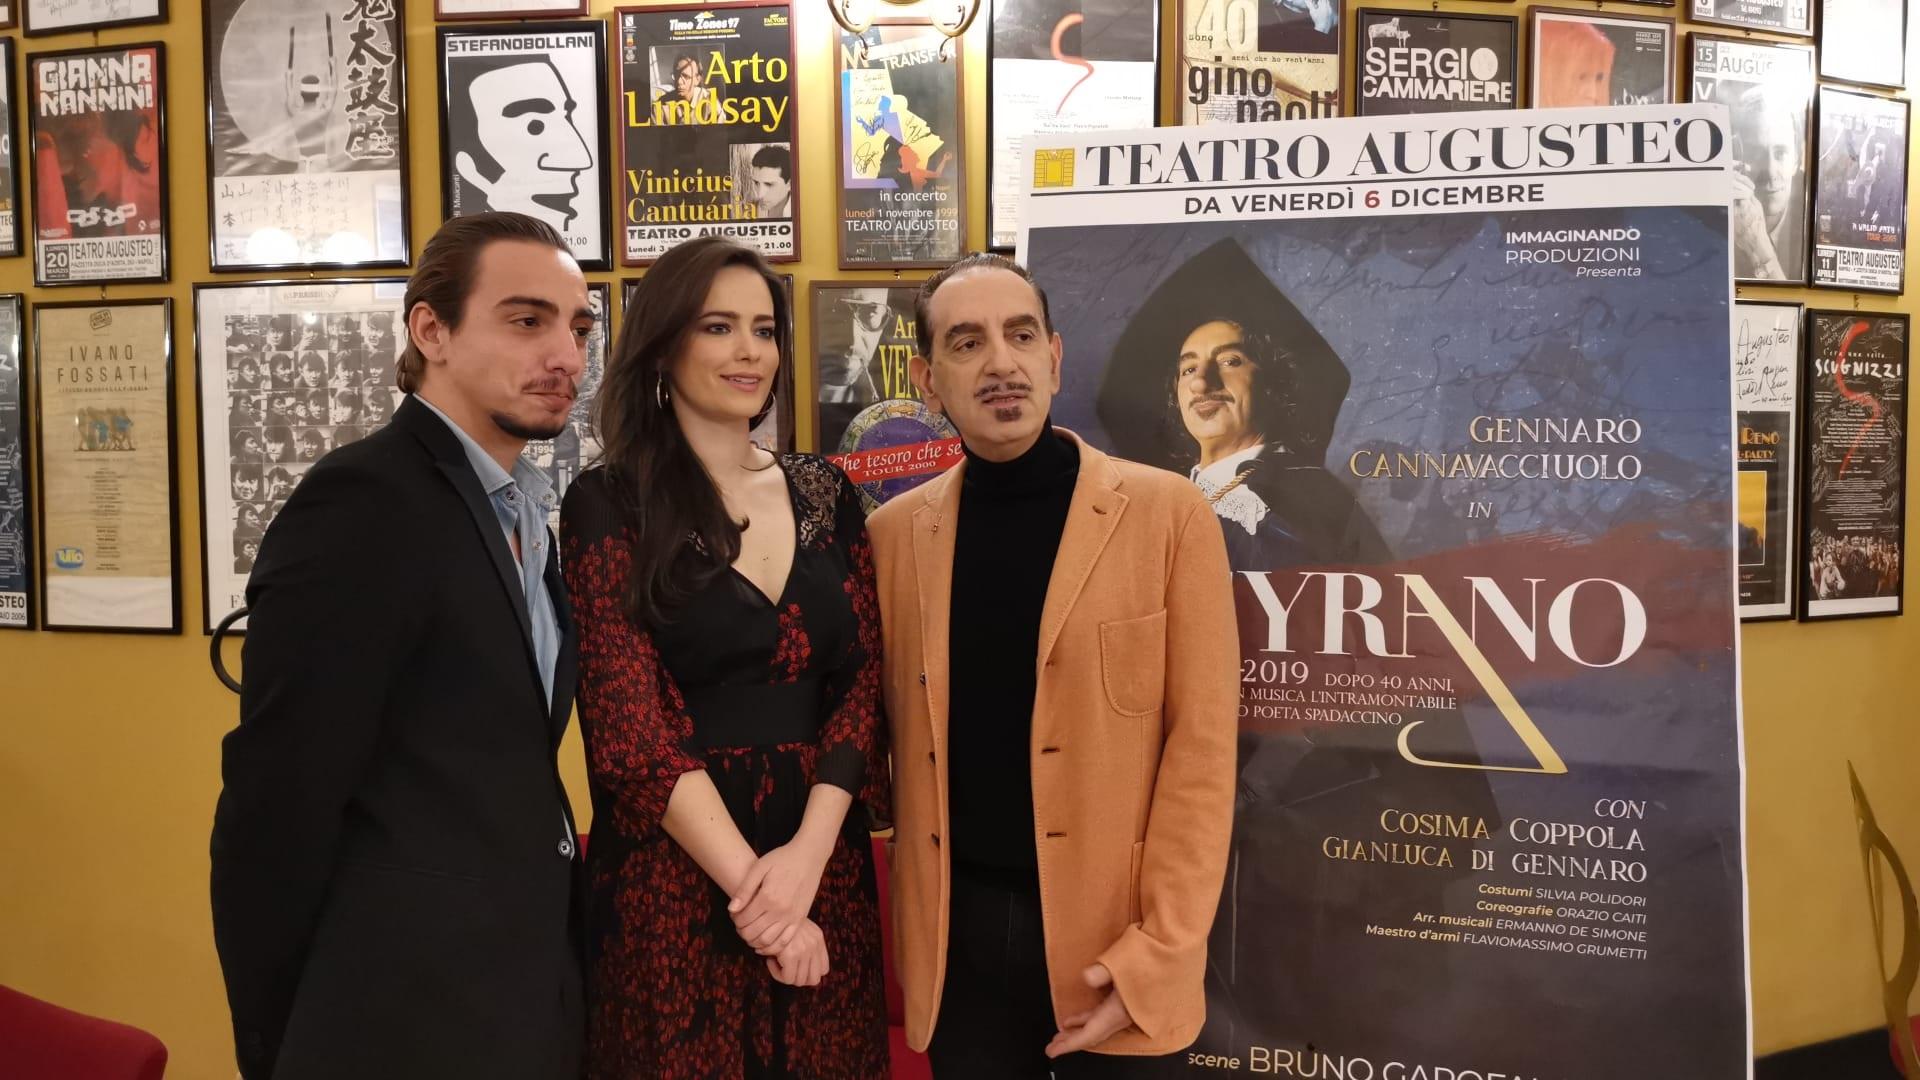 Il musical fu rirpeso 40 anni fa dalle telecamere Rai, poi chuso in un cassetto. Oggi in scena fino al 15 dicembre al Teatro Augusteo.